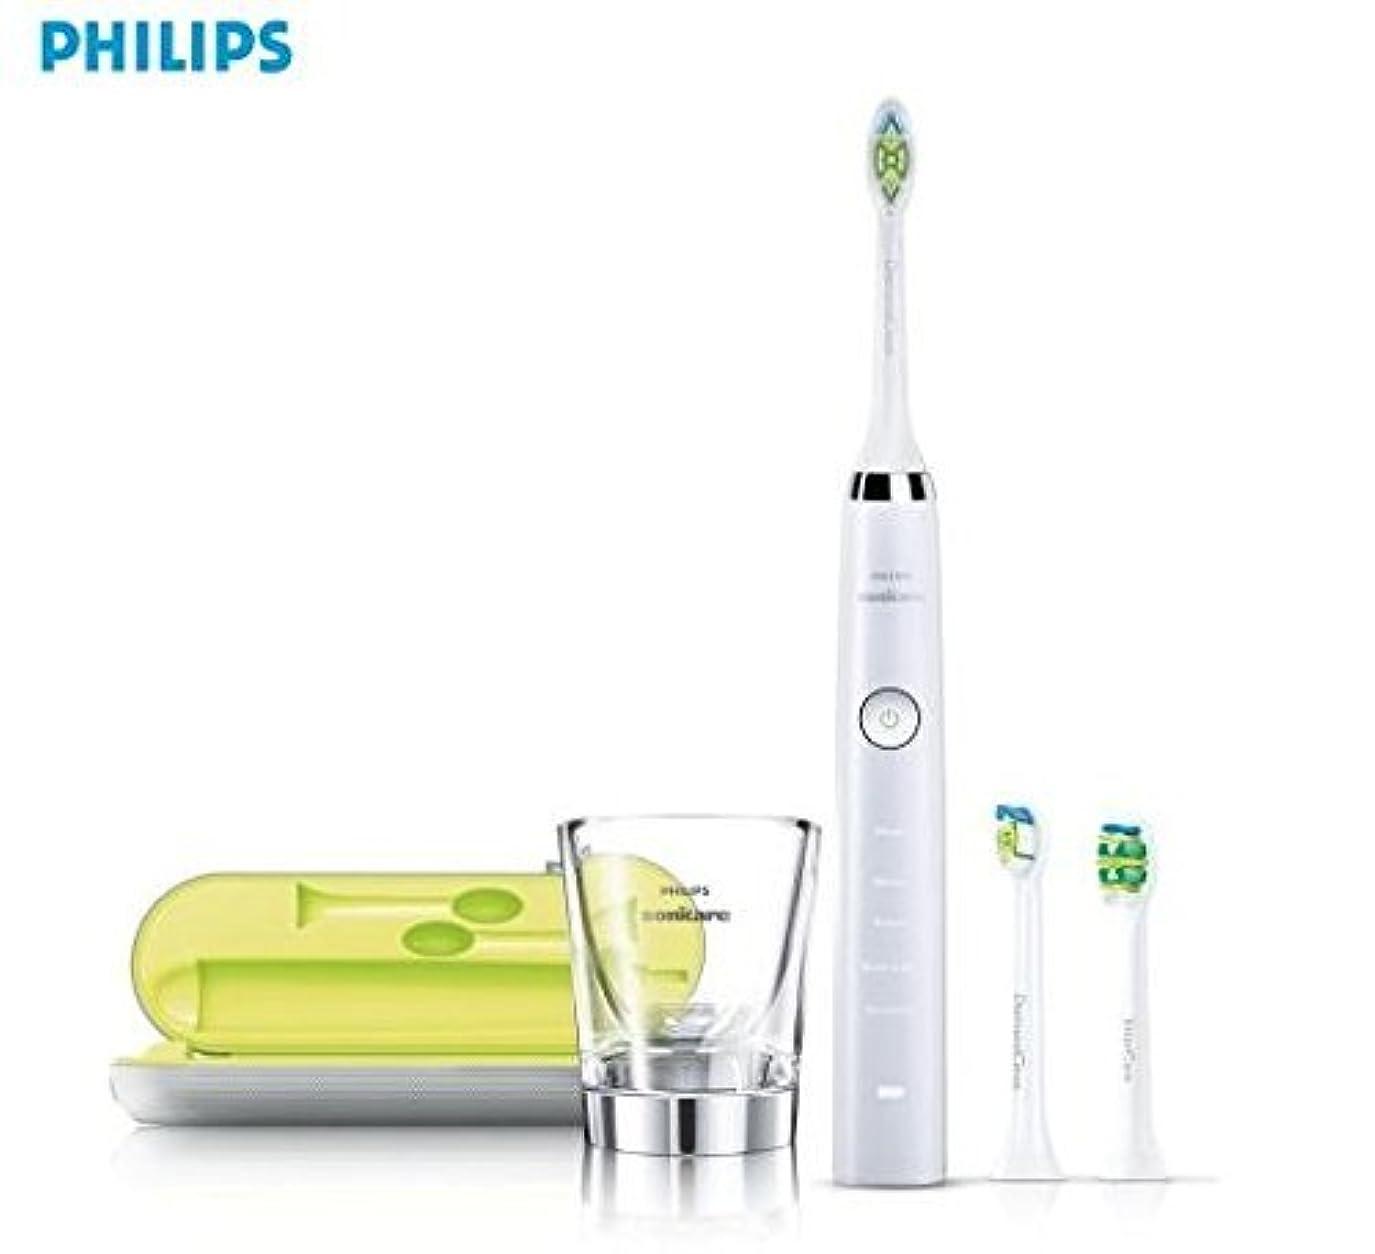 拒絶する貫通傾向ソニッケアー 電動歯ブラシ(ホワイト)PHILIPS sonicare ダイヤモンドクリーン HX9335/05